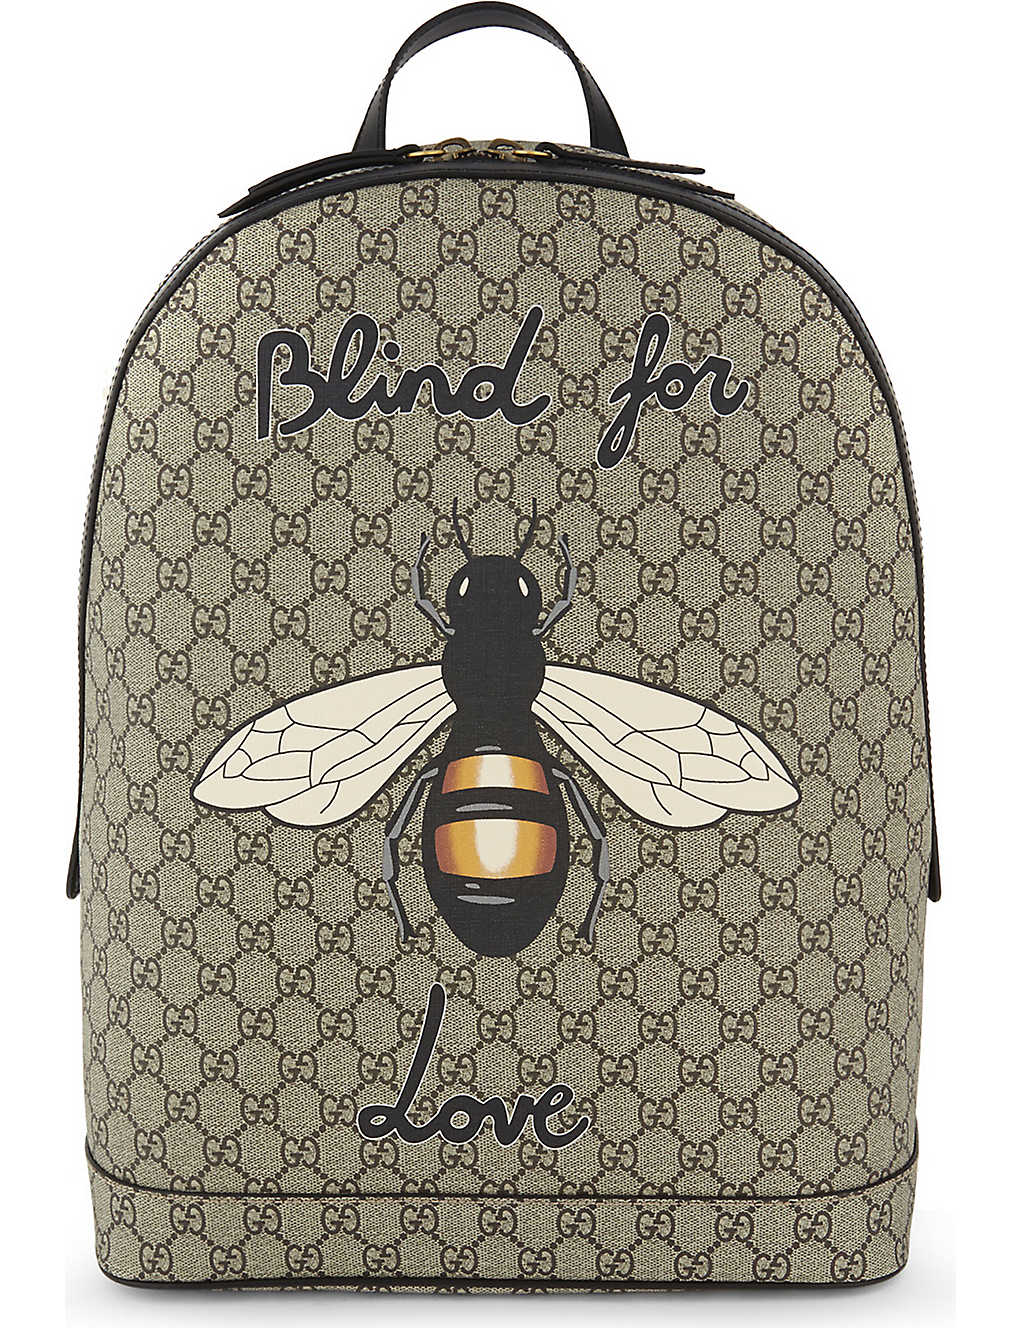 GUCCI - Bee print GG Supreme backpack  eb9d0ac61ecd7